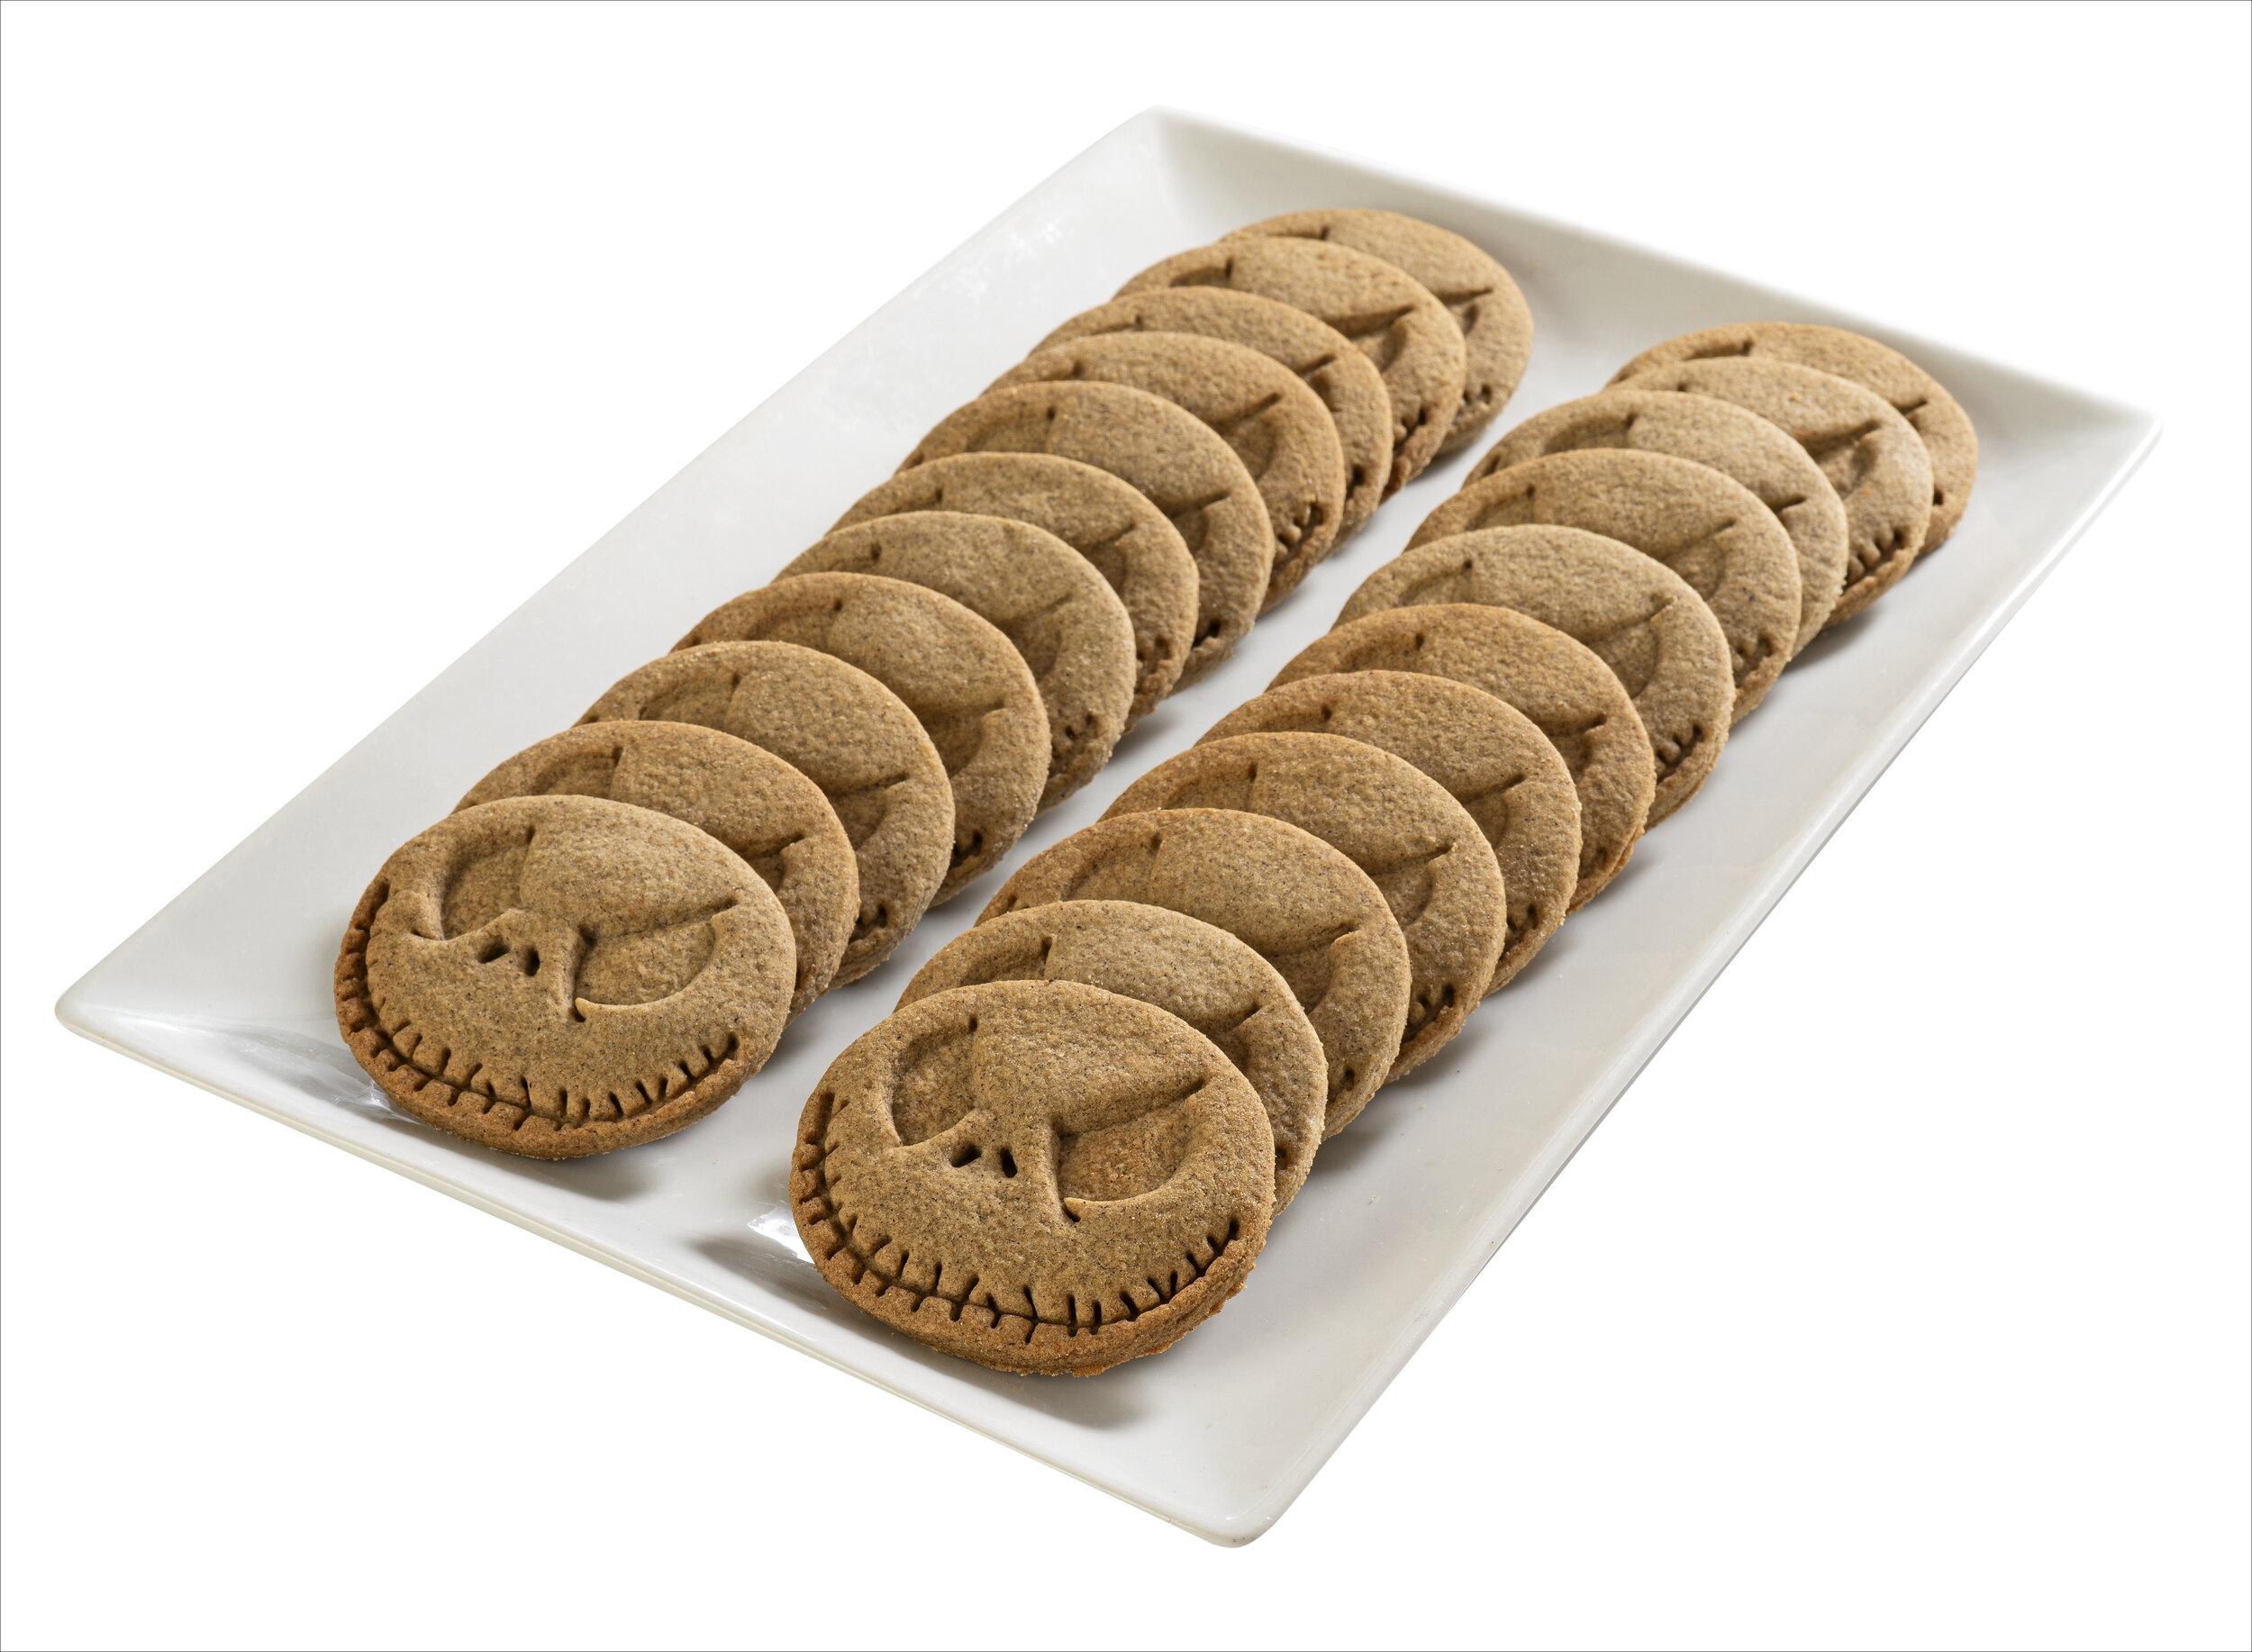 BUFFET - Biscuits Jack Skellington.jpg